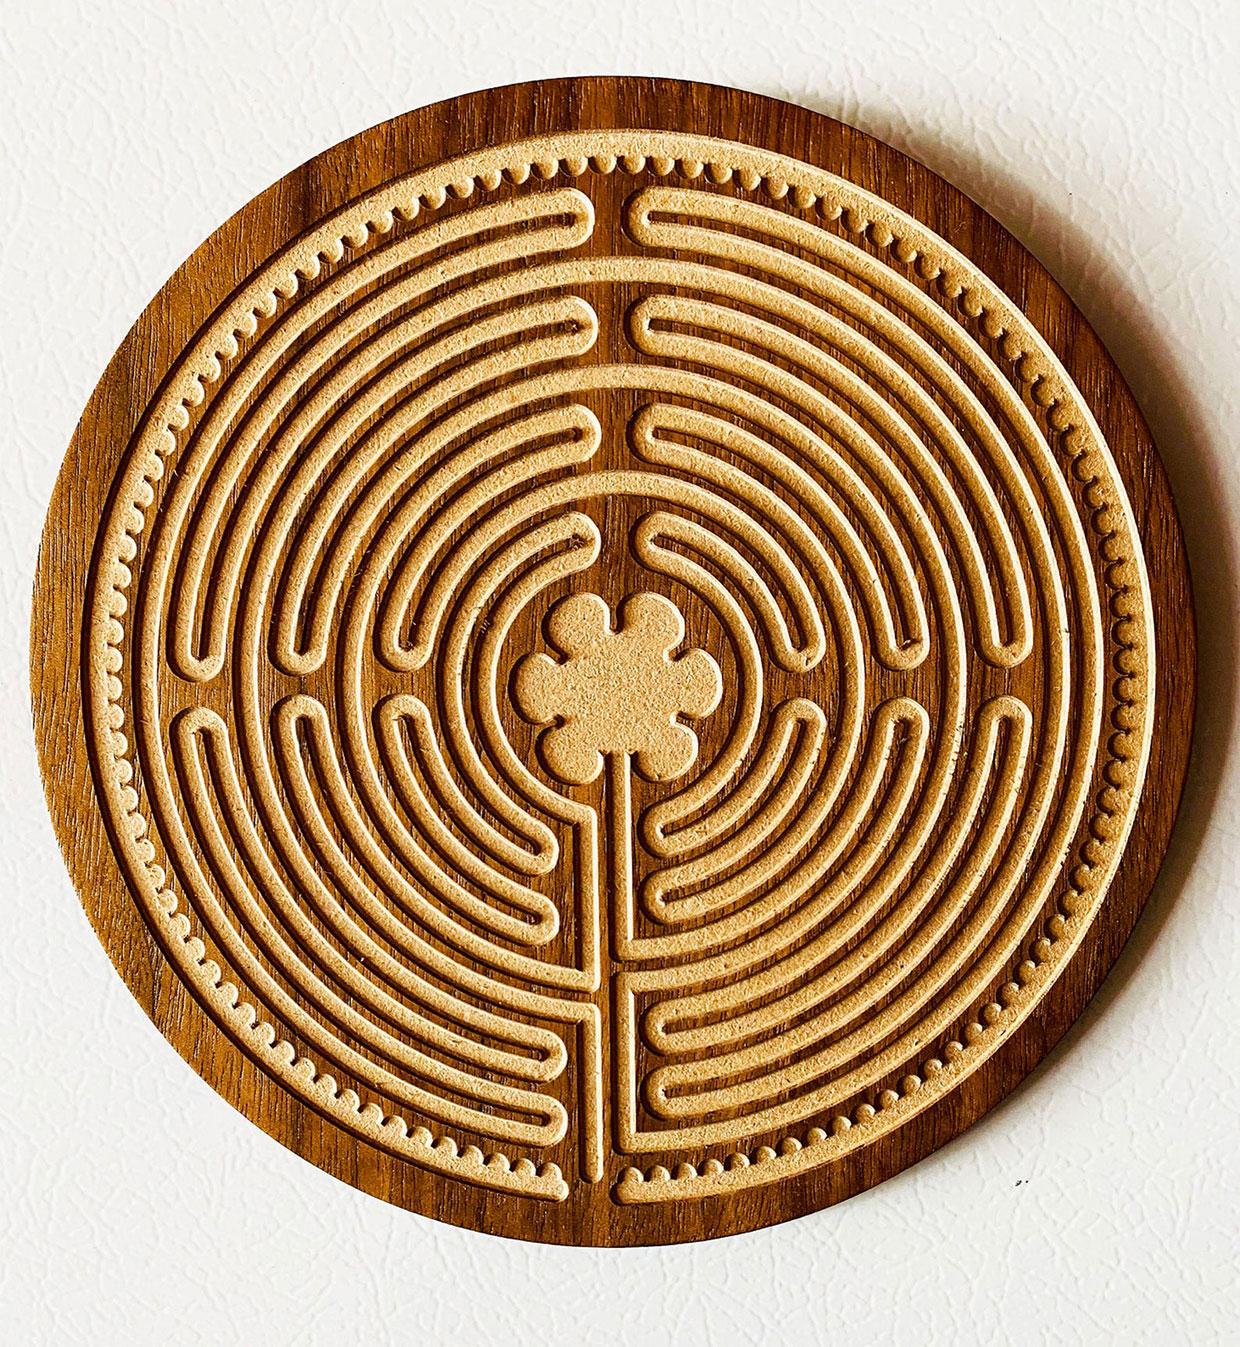 iWALK Wooden Labyrinths